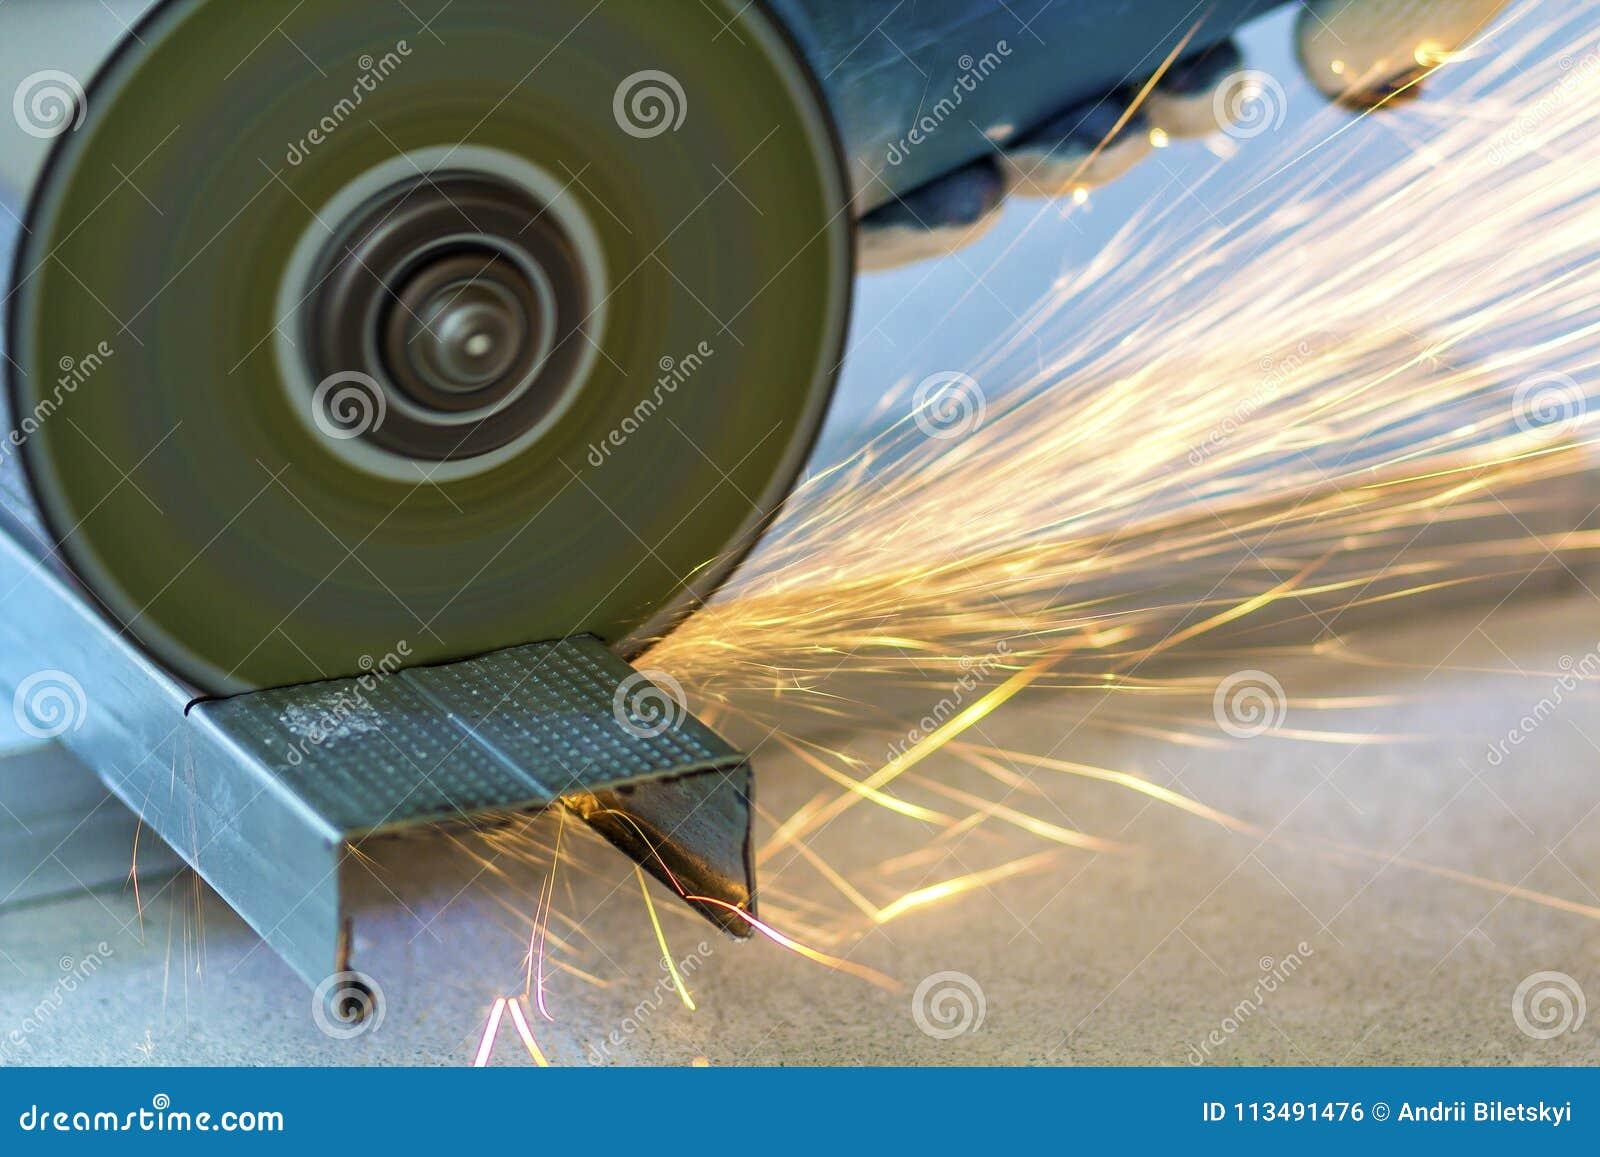 Tagliare piastrelle con smerigliatrice come cambiare il disco e